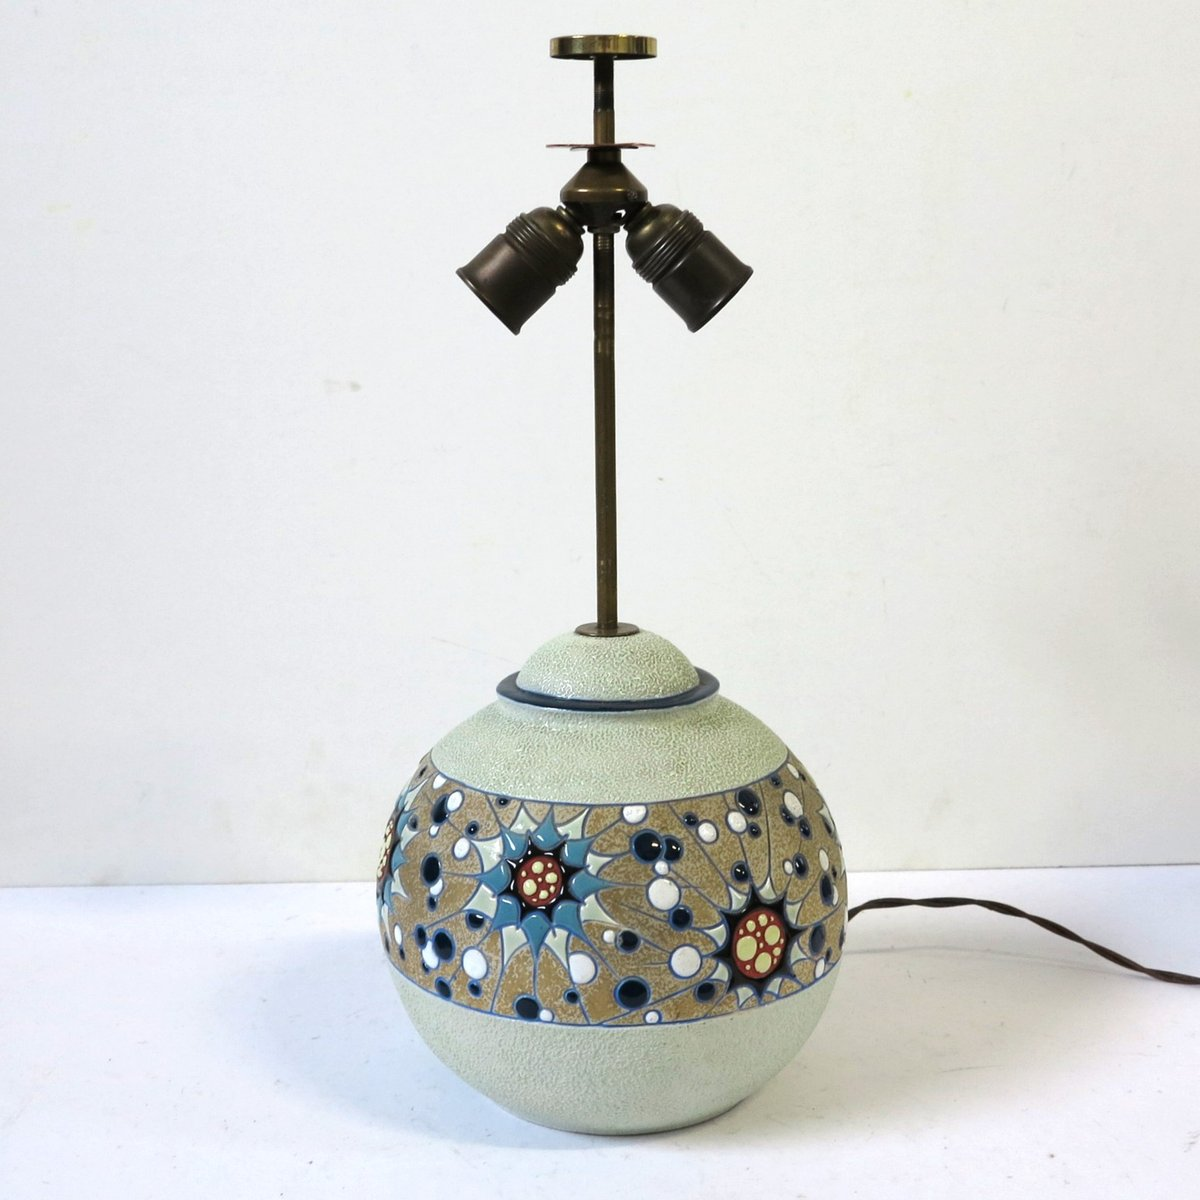 Art Deco Keramik Lampe von Amphora, 1930er